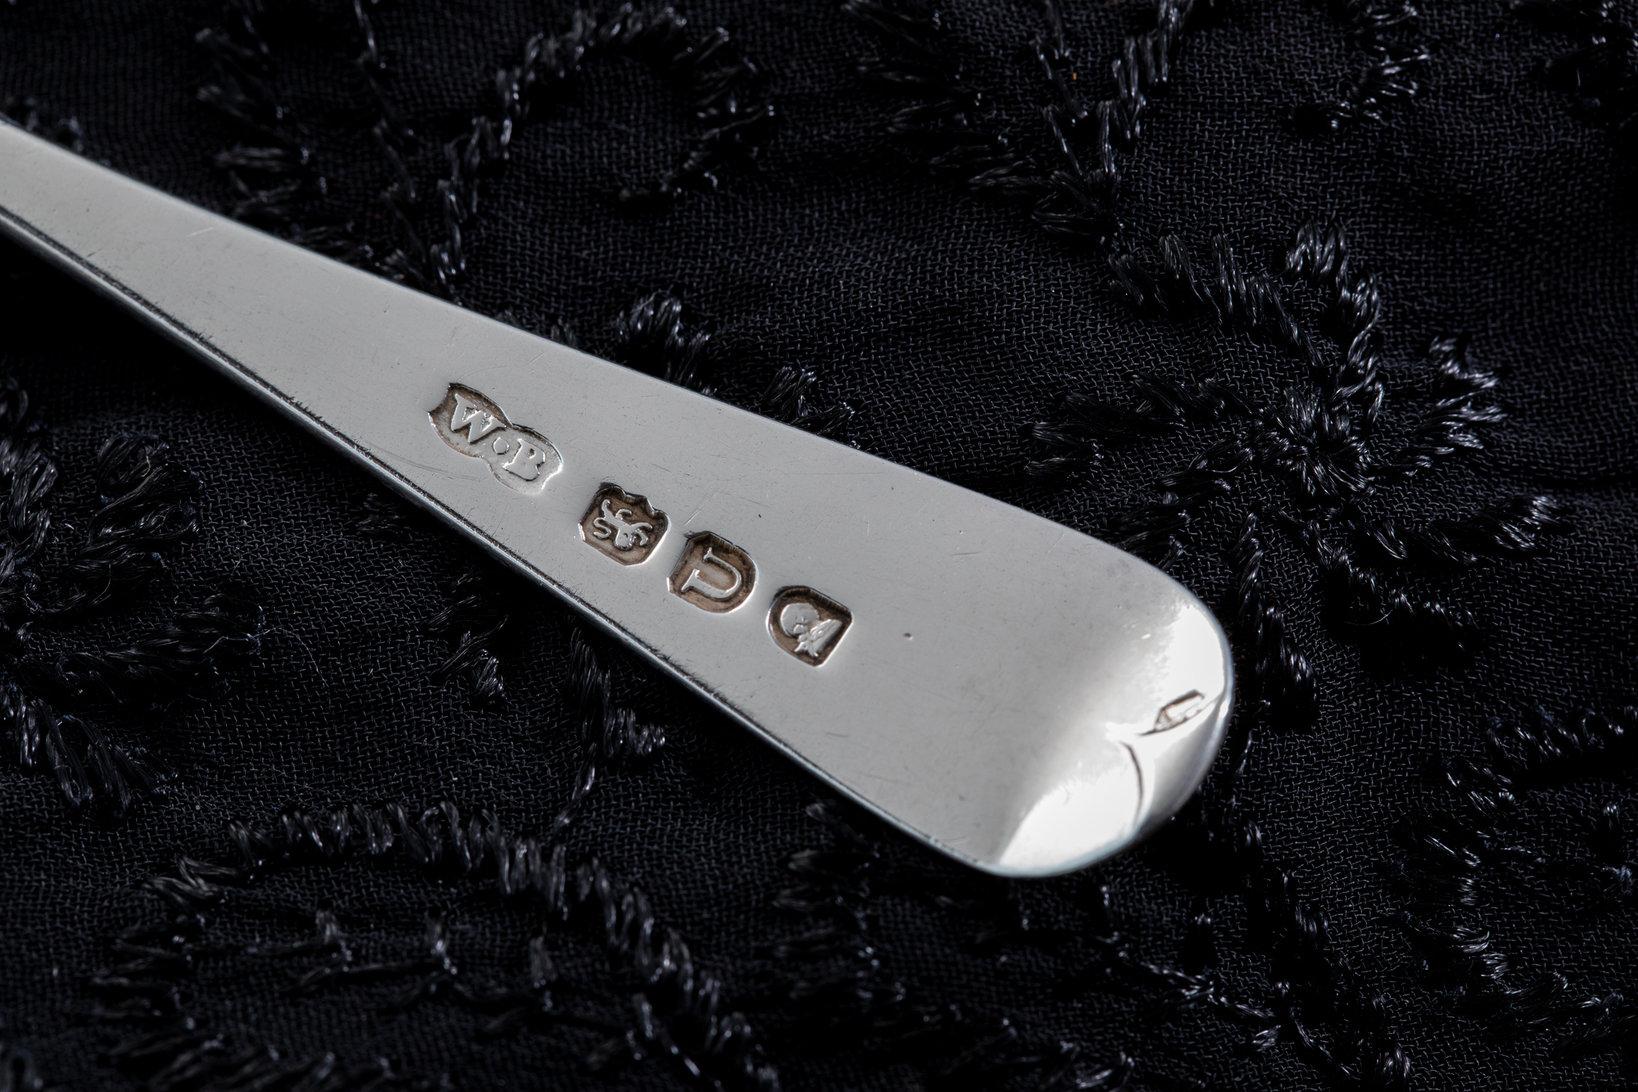 イギリスのシルバーカトラリーにはホールマークが刻印されている。これで製造年などがわかるのである。この「W・B」の刻印は有名な銀職人一族のウィリアム・ベイトンの工房製を表している。